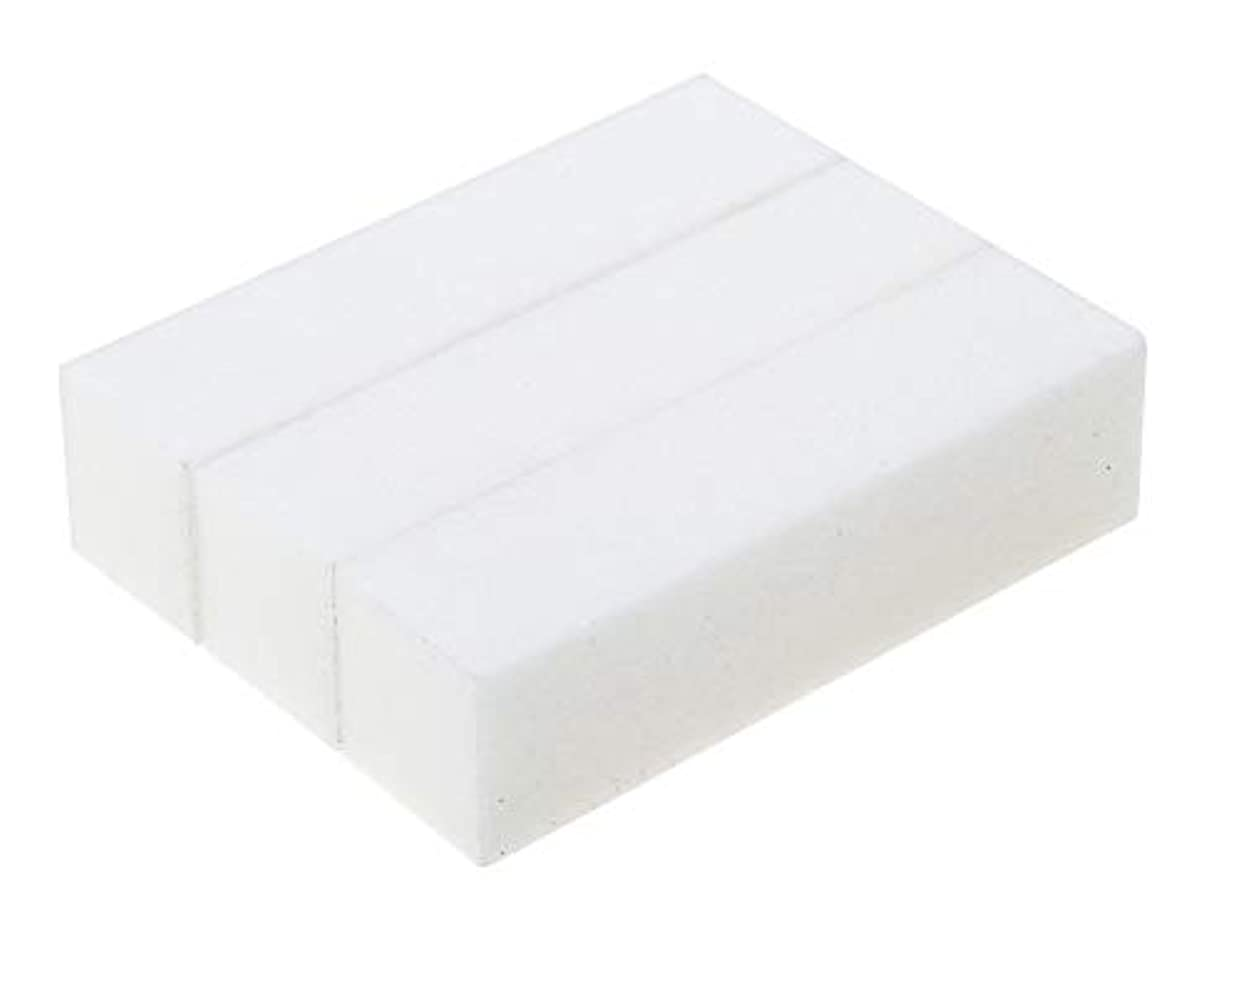 寛大さ甘美な保有者3スポンジ/サンディングブロックマニキュアペディキュアプロフェッショナル高品質ポンスホワイトストーンのセット